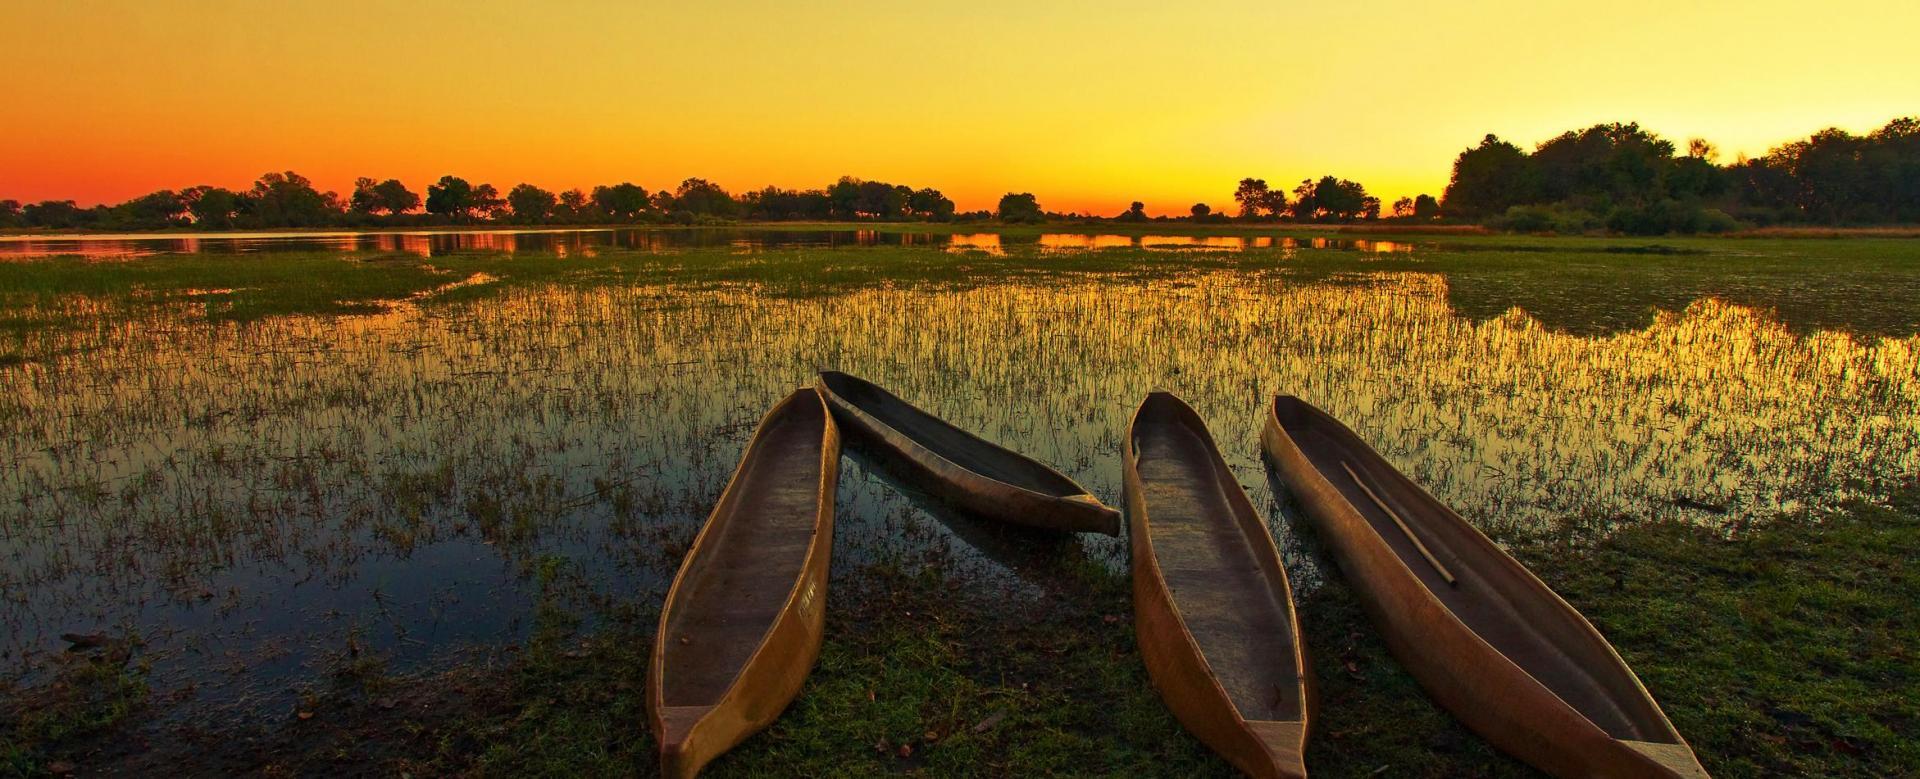 Voyage en véhicule : Du namib au zambèze